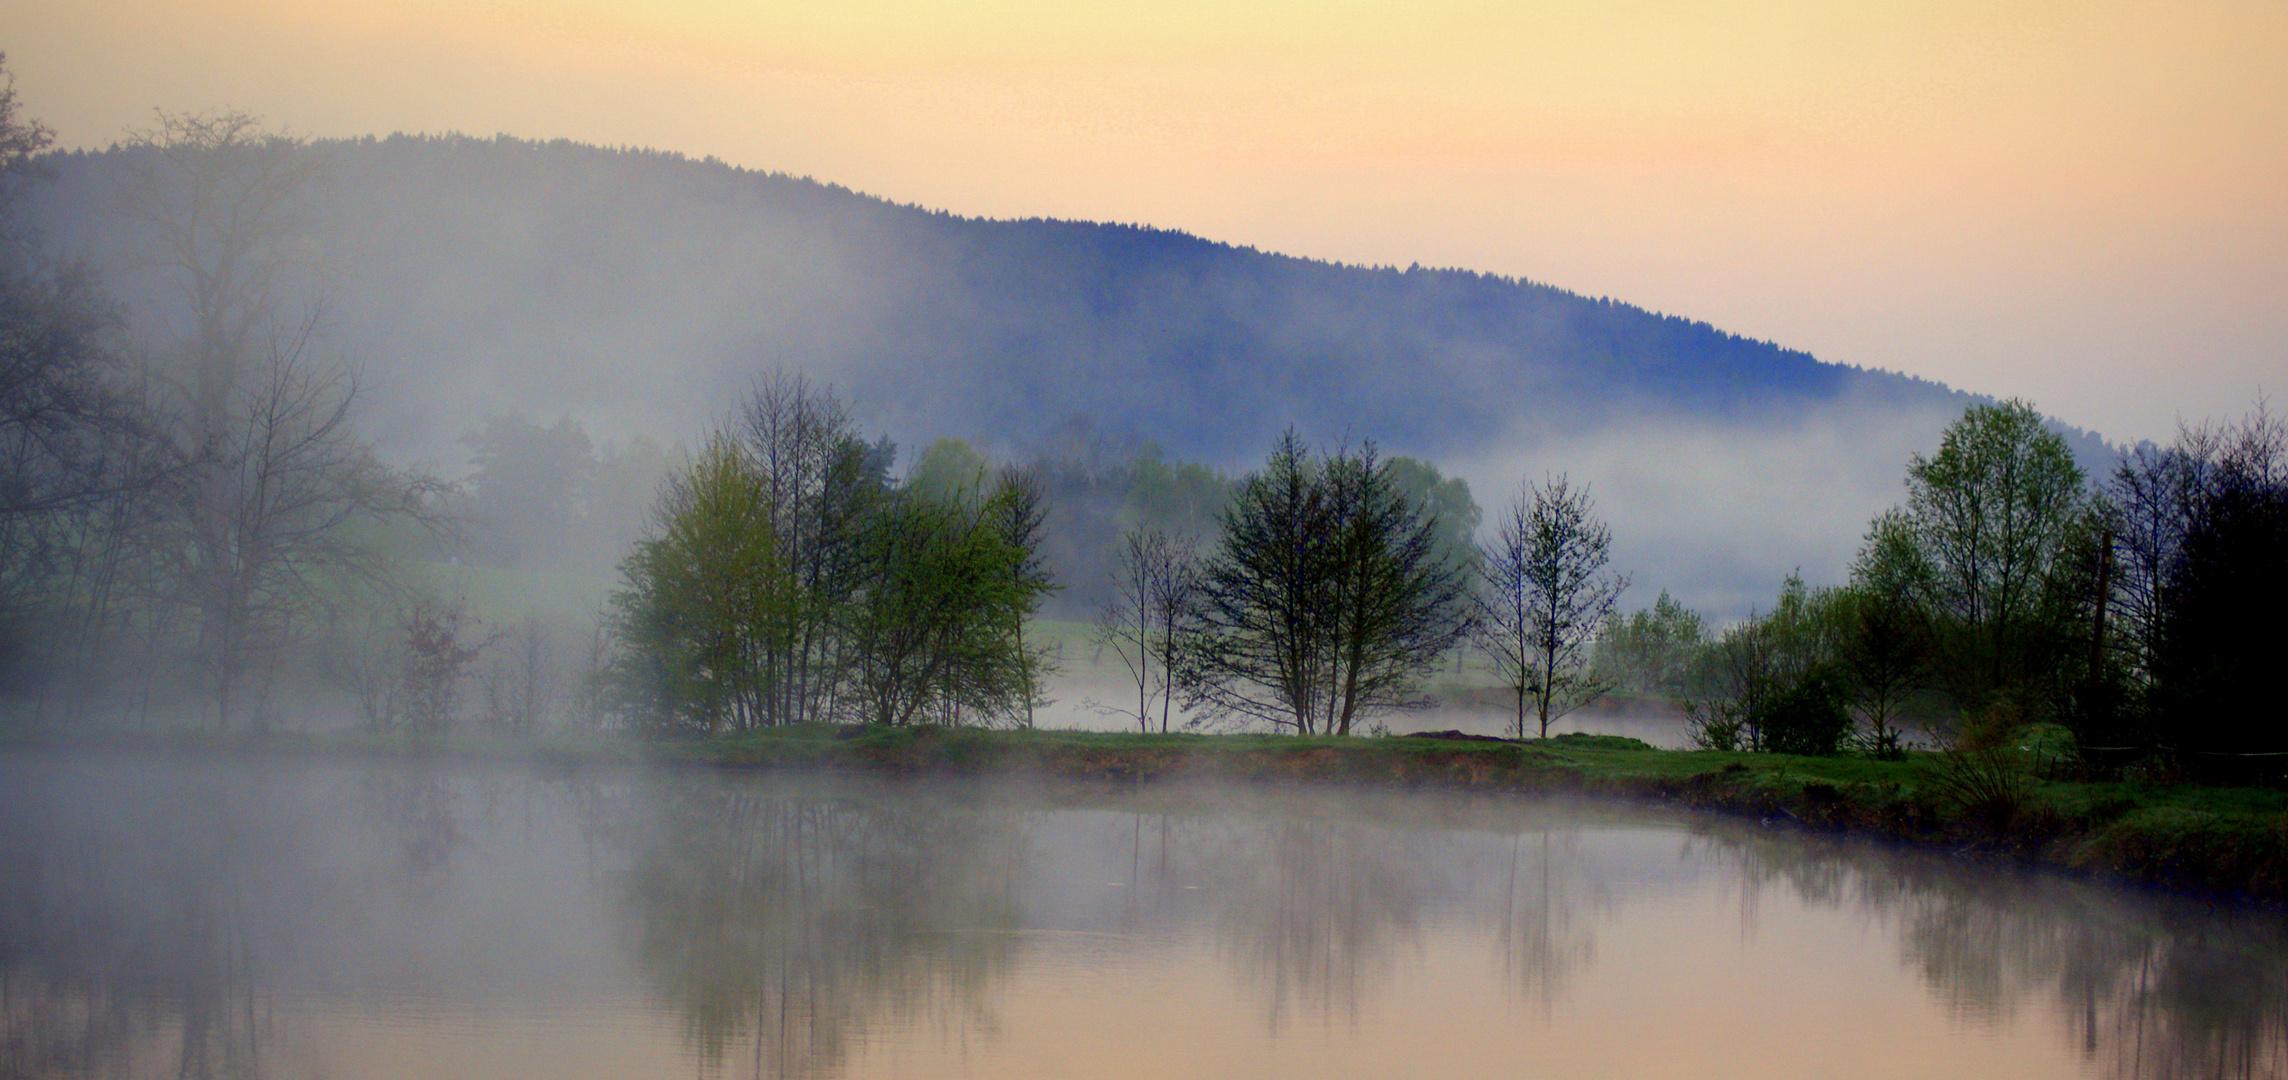 Ein Traum in hauchzartem Farben am Morgen